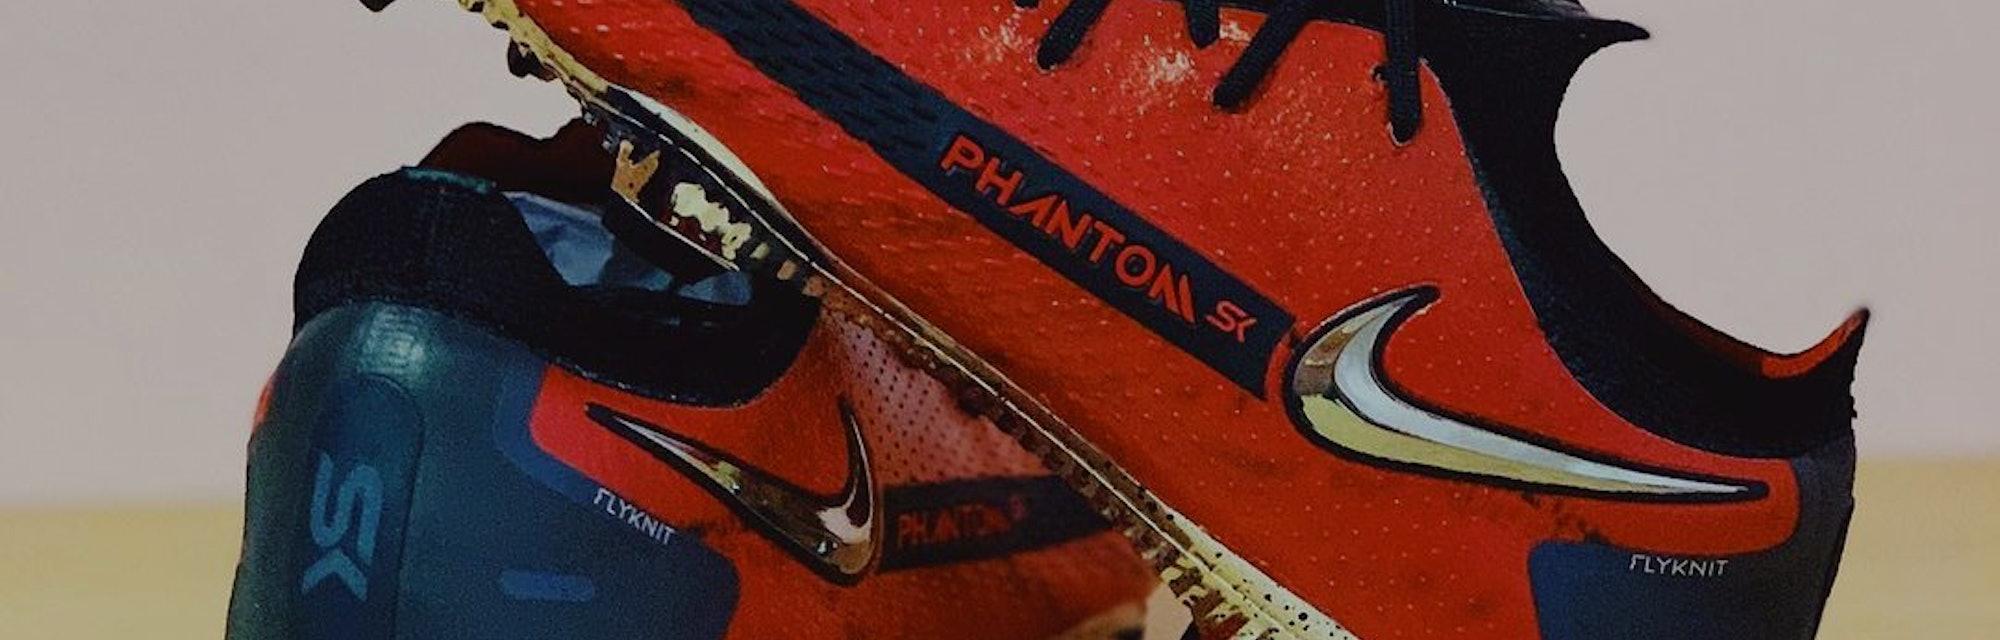 Skepta Nike Phantom SK